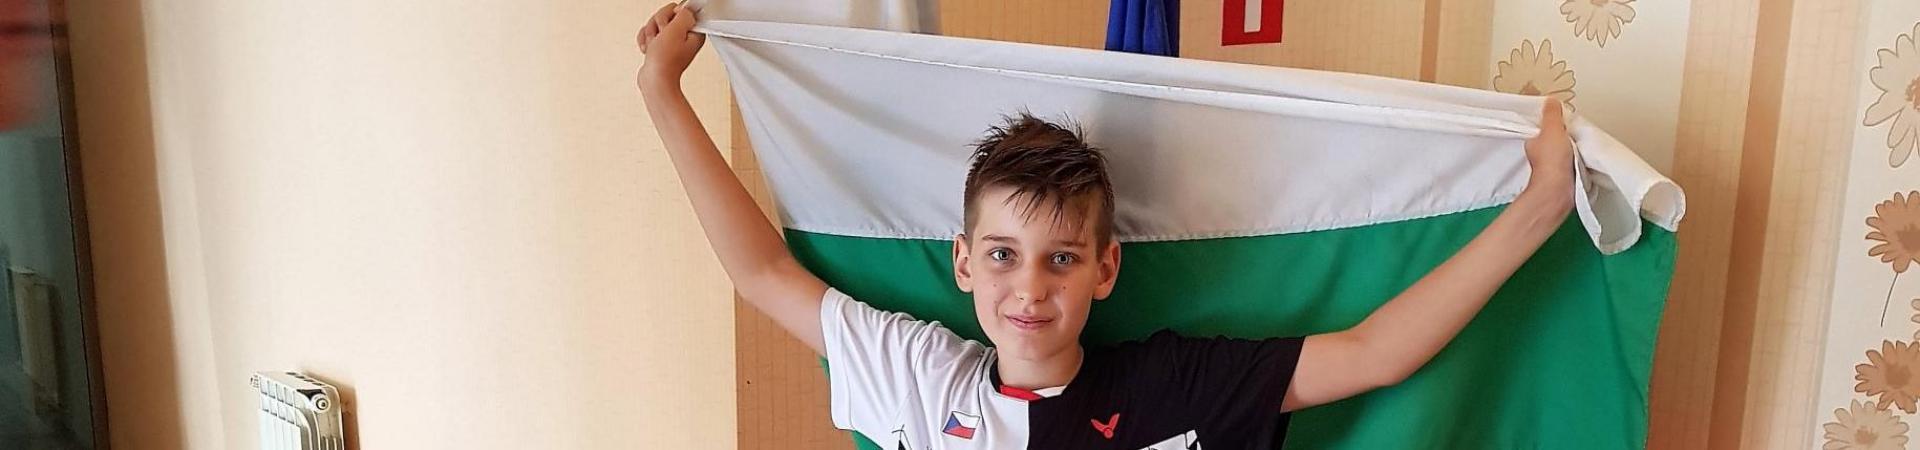 Petr Martinec startoval na turnaji v Bulharsku.